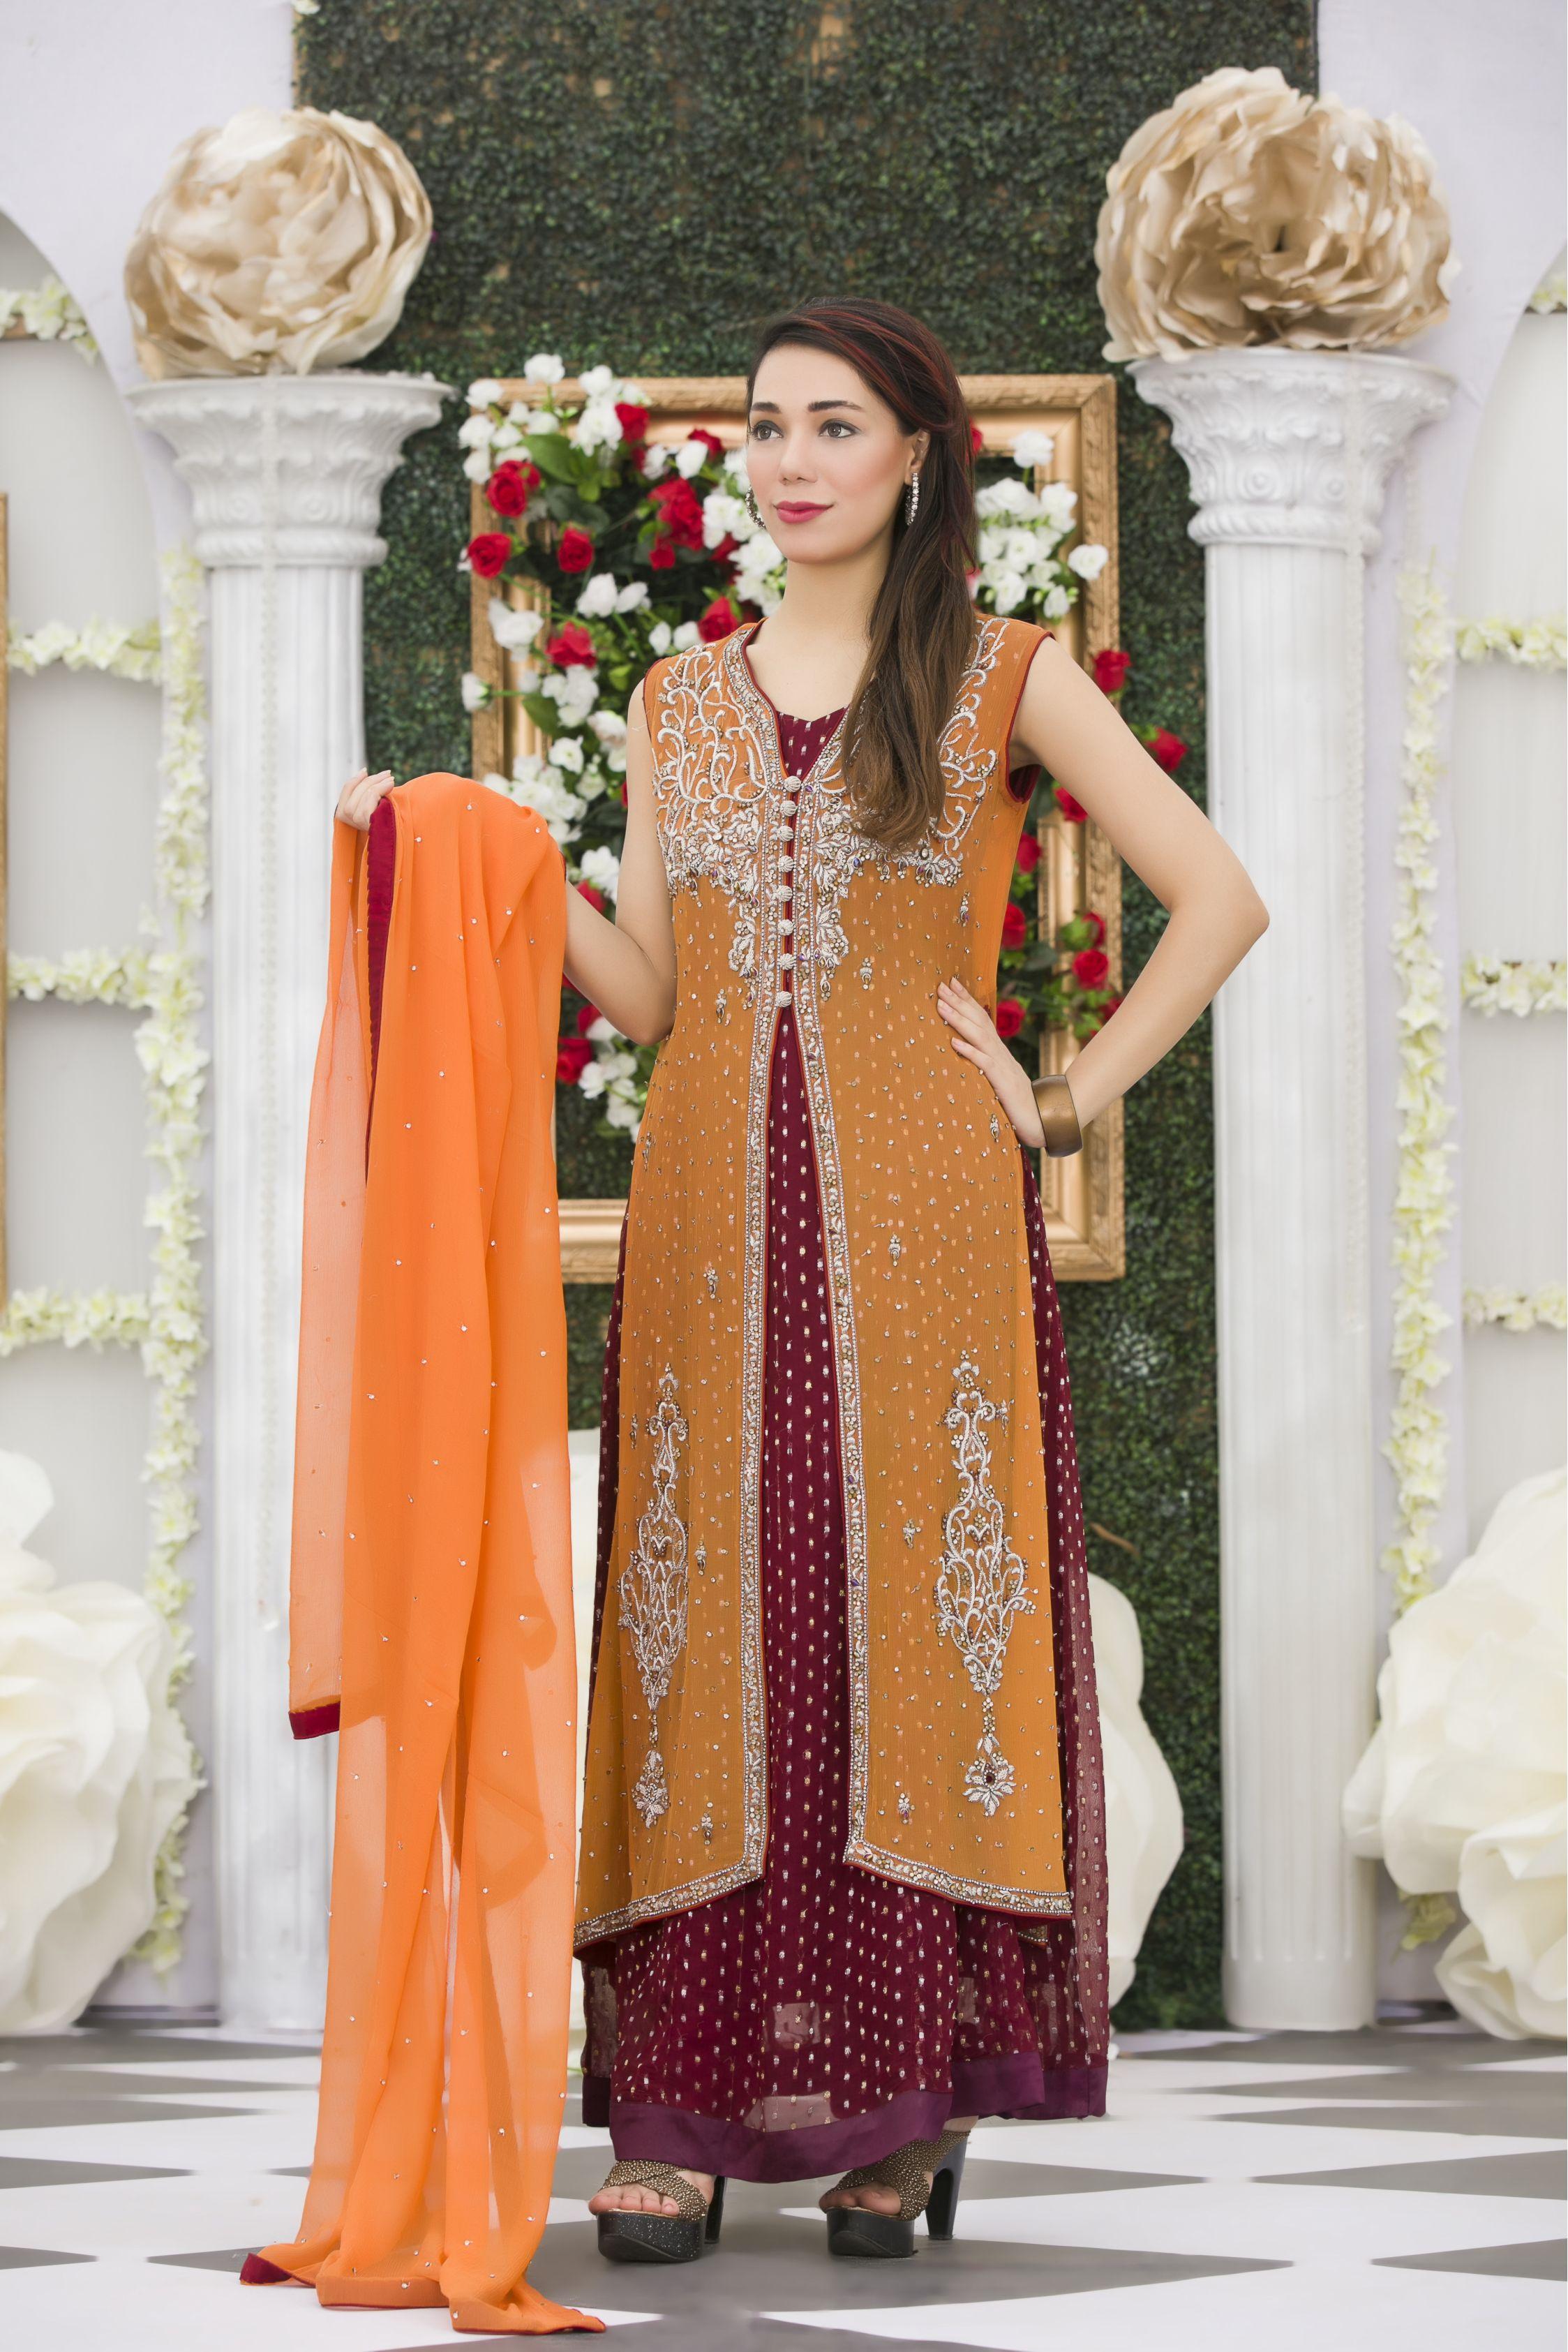 EXCLUSIVE ORANGE MAROON MEHNDI DRESS Exclusive Online